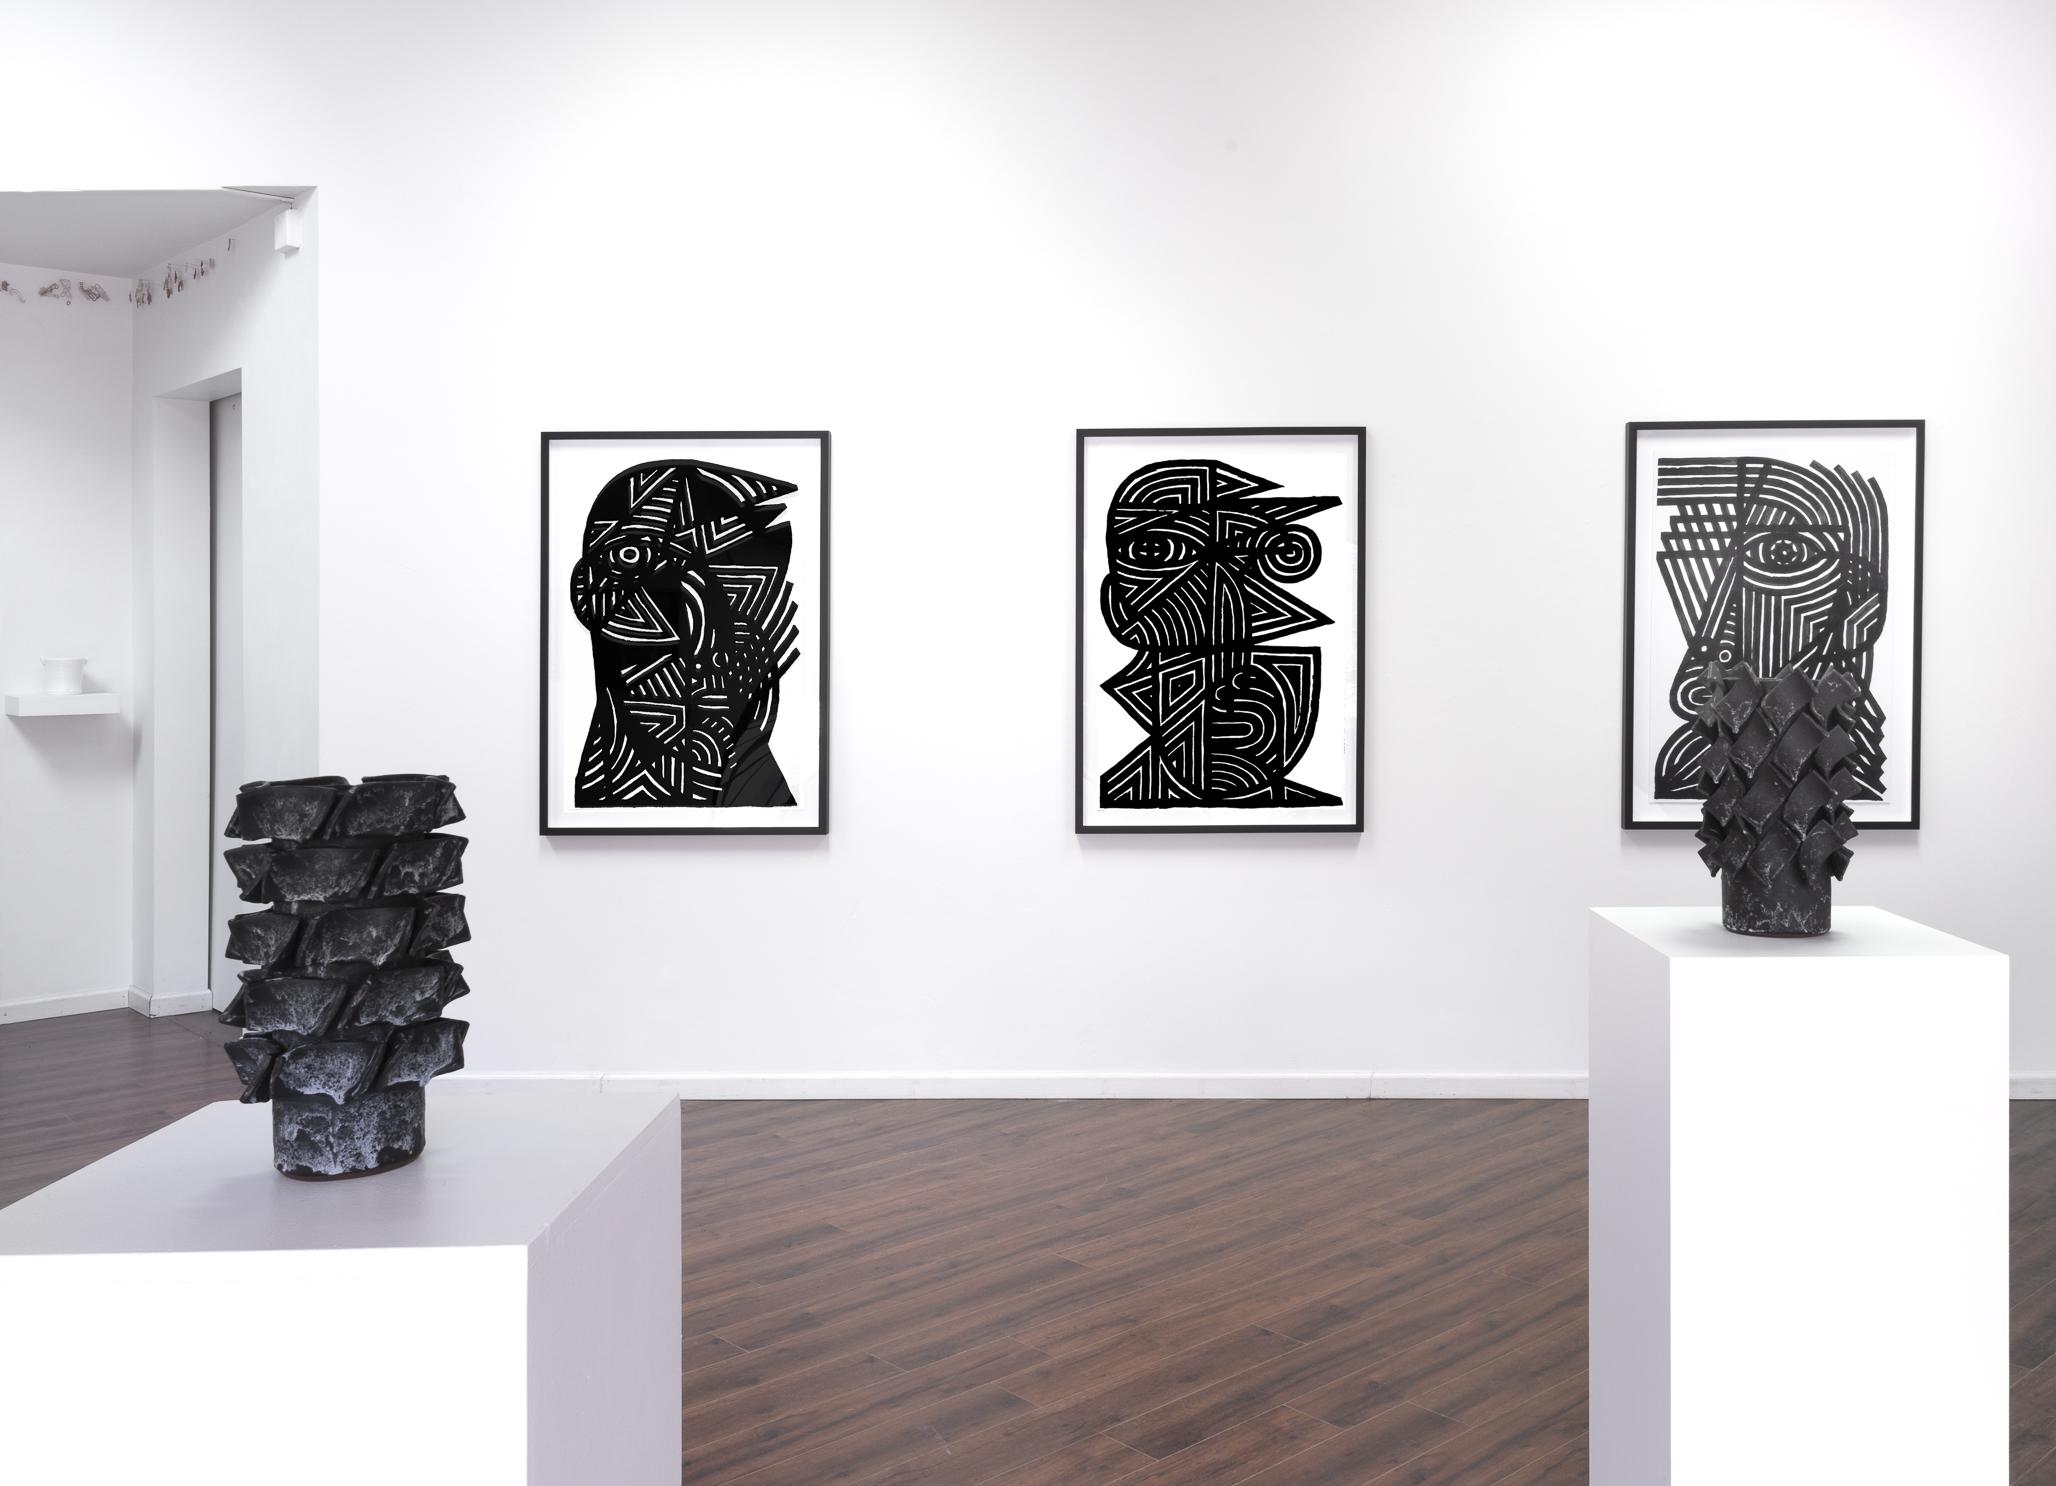 Installation view (Pablo Martin, Ben Medansky)